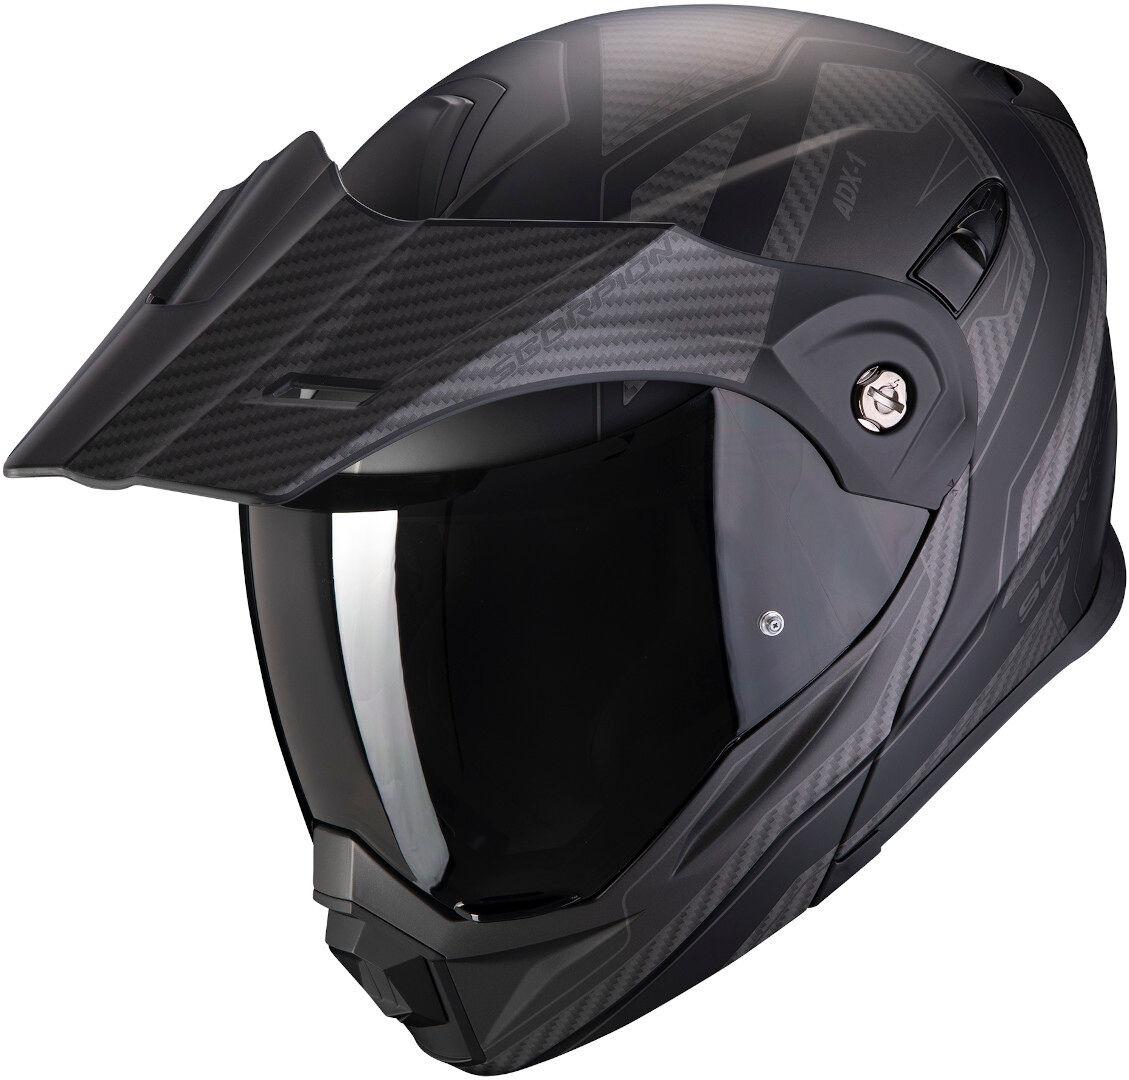 Scorpion ADX-1 Tucson Motocross Helmet  - Size: Large